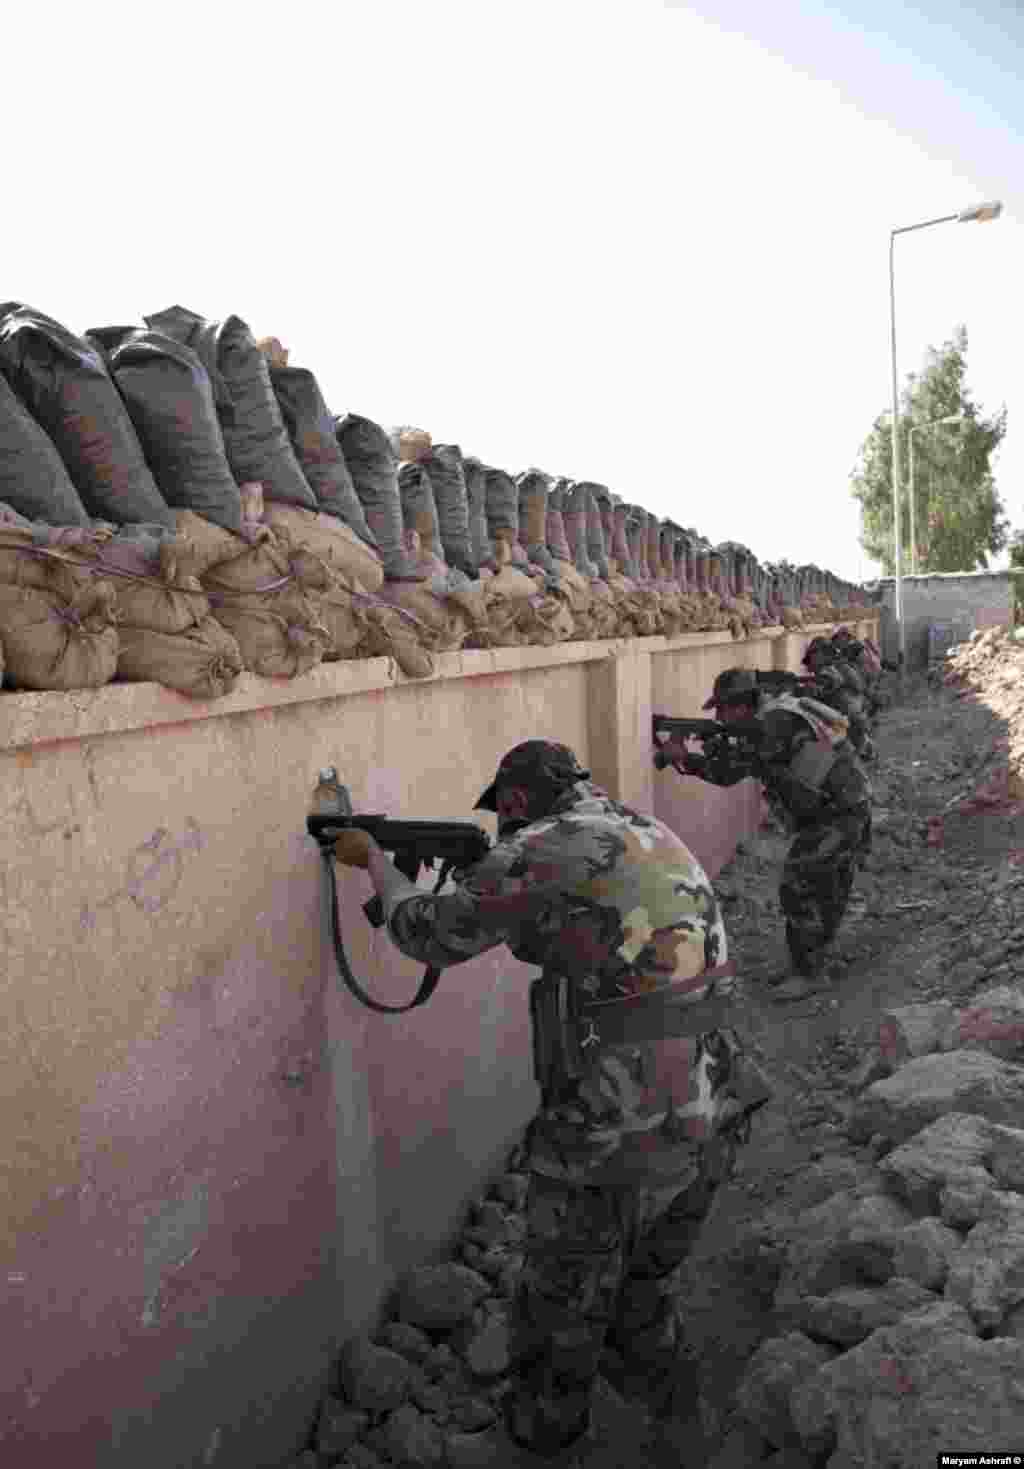 پادگان تیپ زرهی دوم پیشمرگه در منطقه گرمیان در فاصله ۲۵۰ متری از مواضع داعش: سه راهی کلار